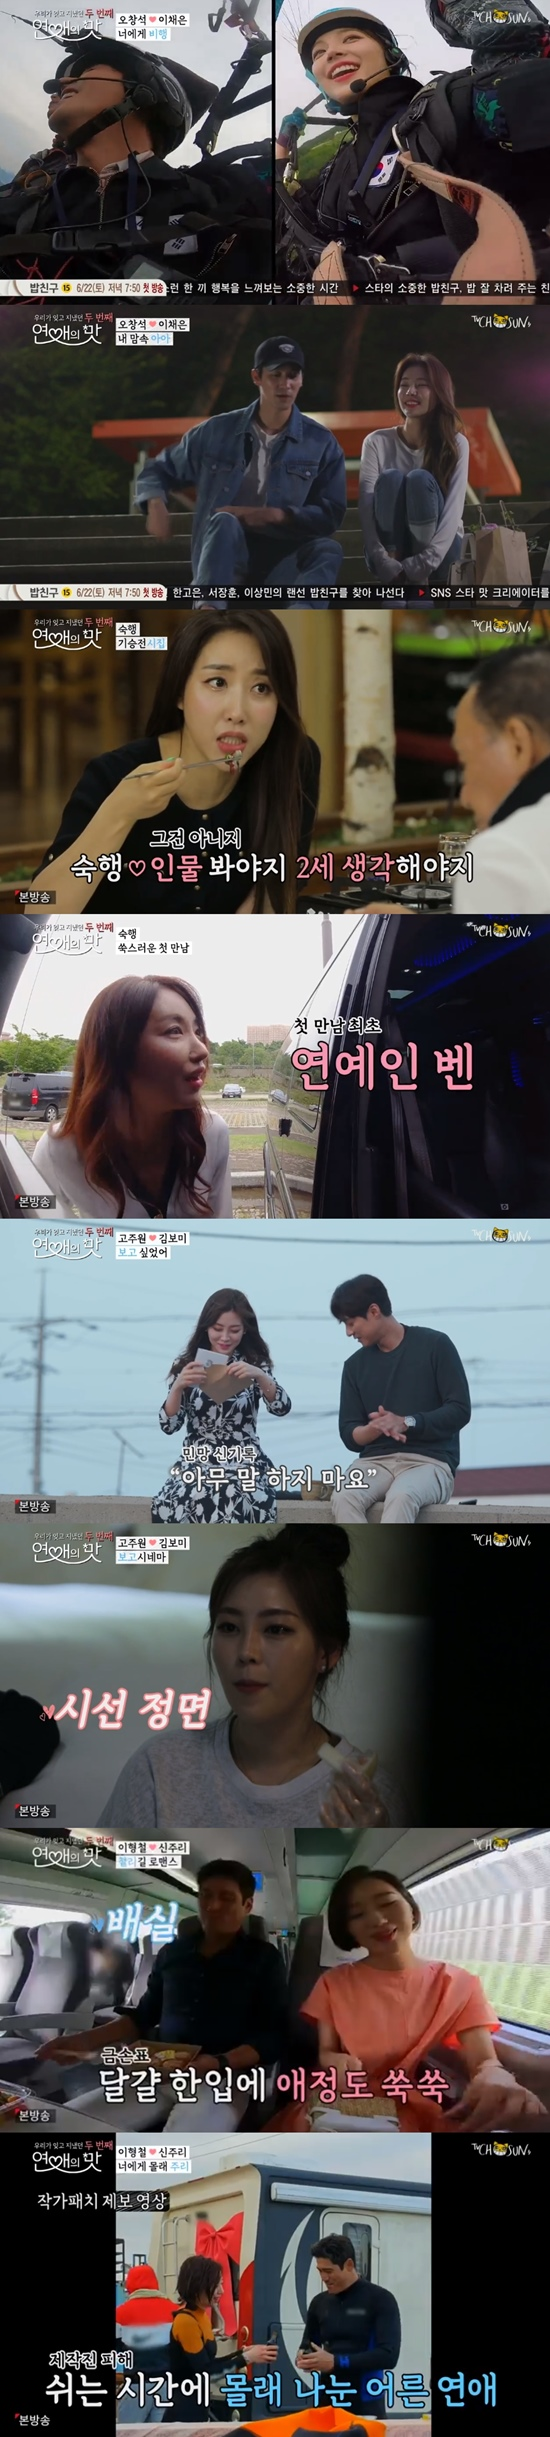 '연애의 맛2' 오창석·고주원·이형철, 깊어진 ♥…숙행은 첫 소개팅 [종합]